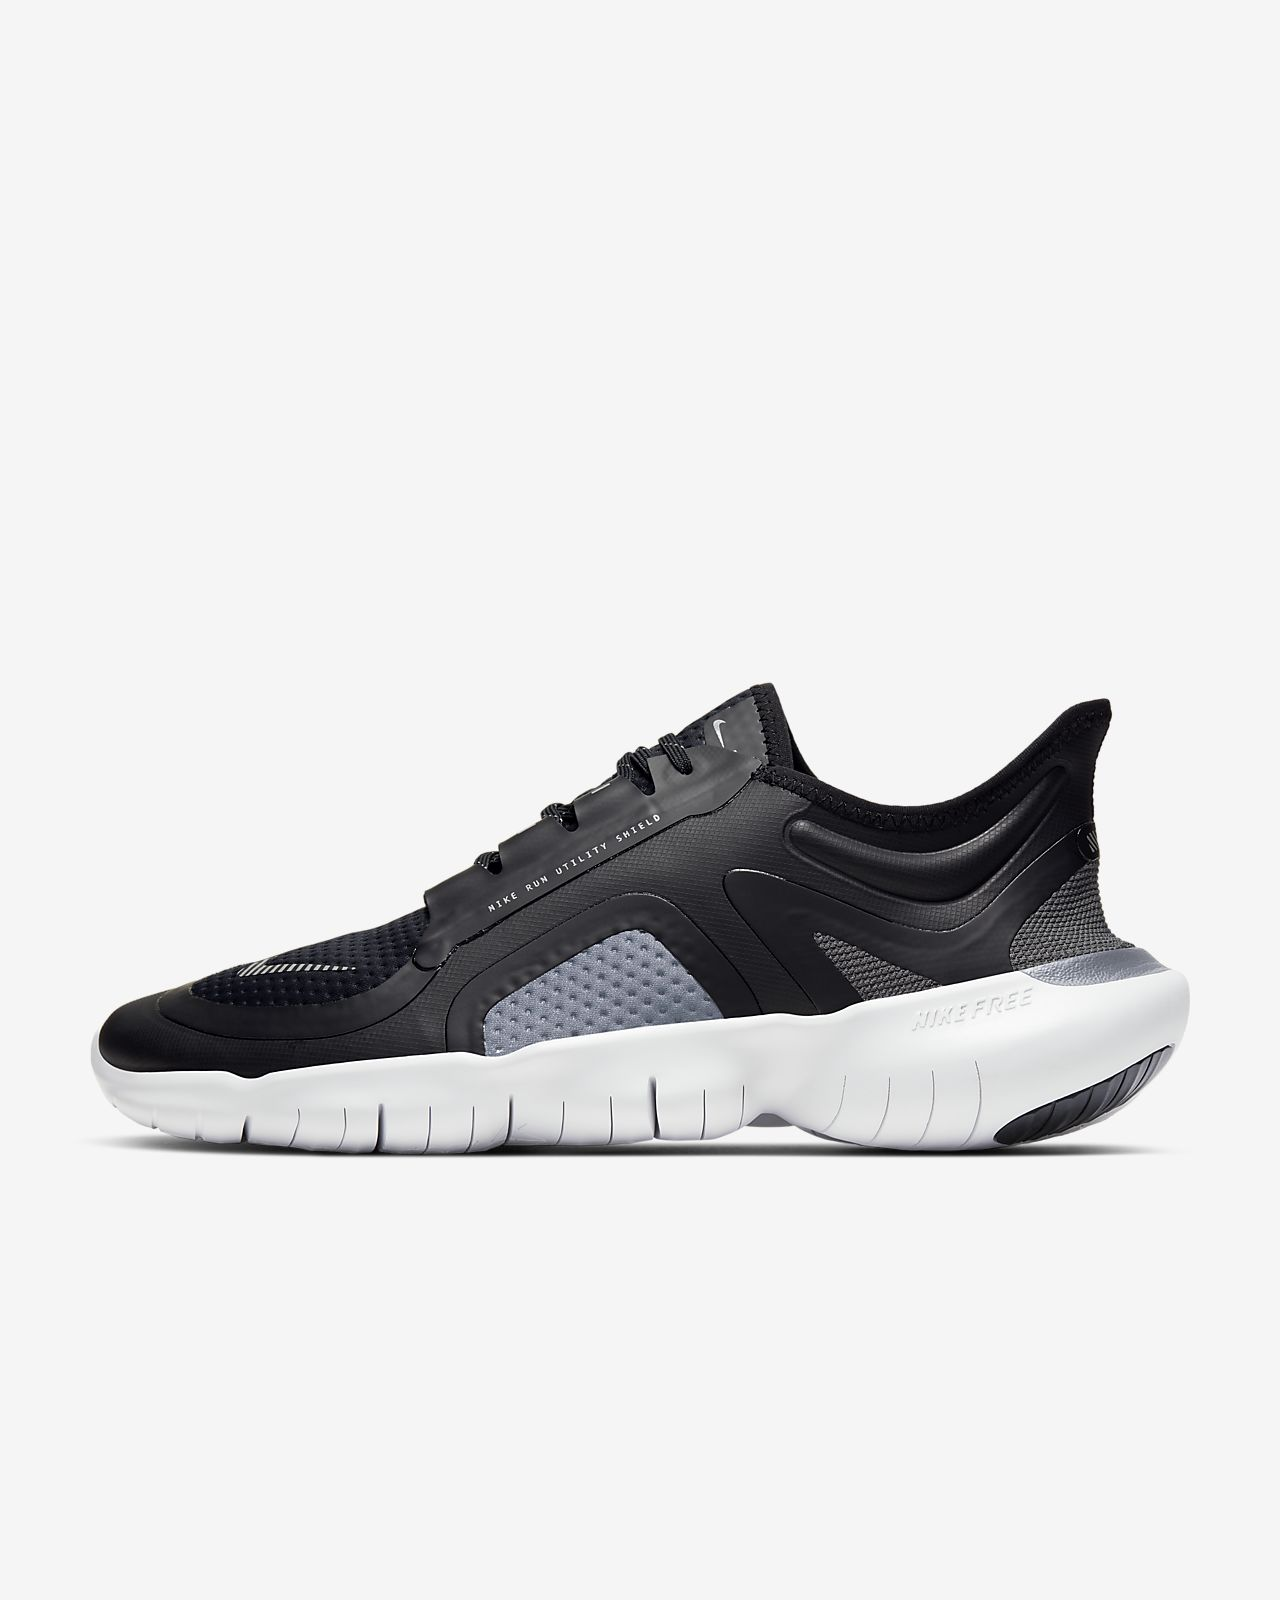 Nike Free RN 5.0 Shield Erkek Koşu Ayakkabısı